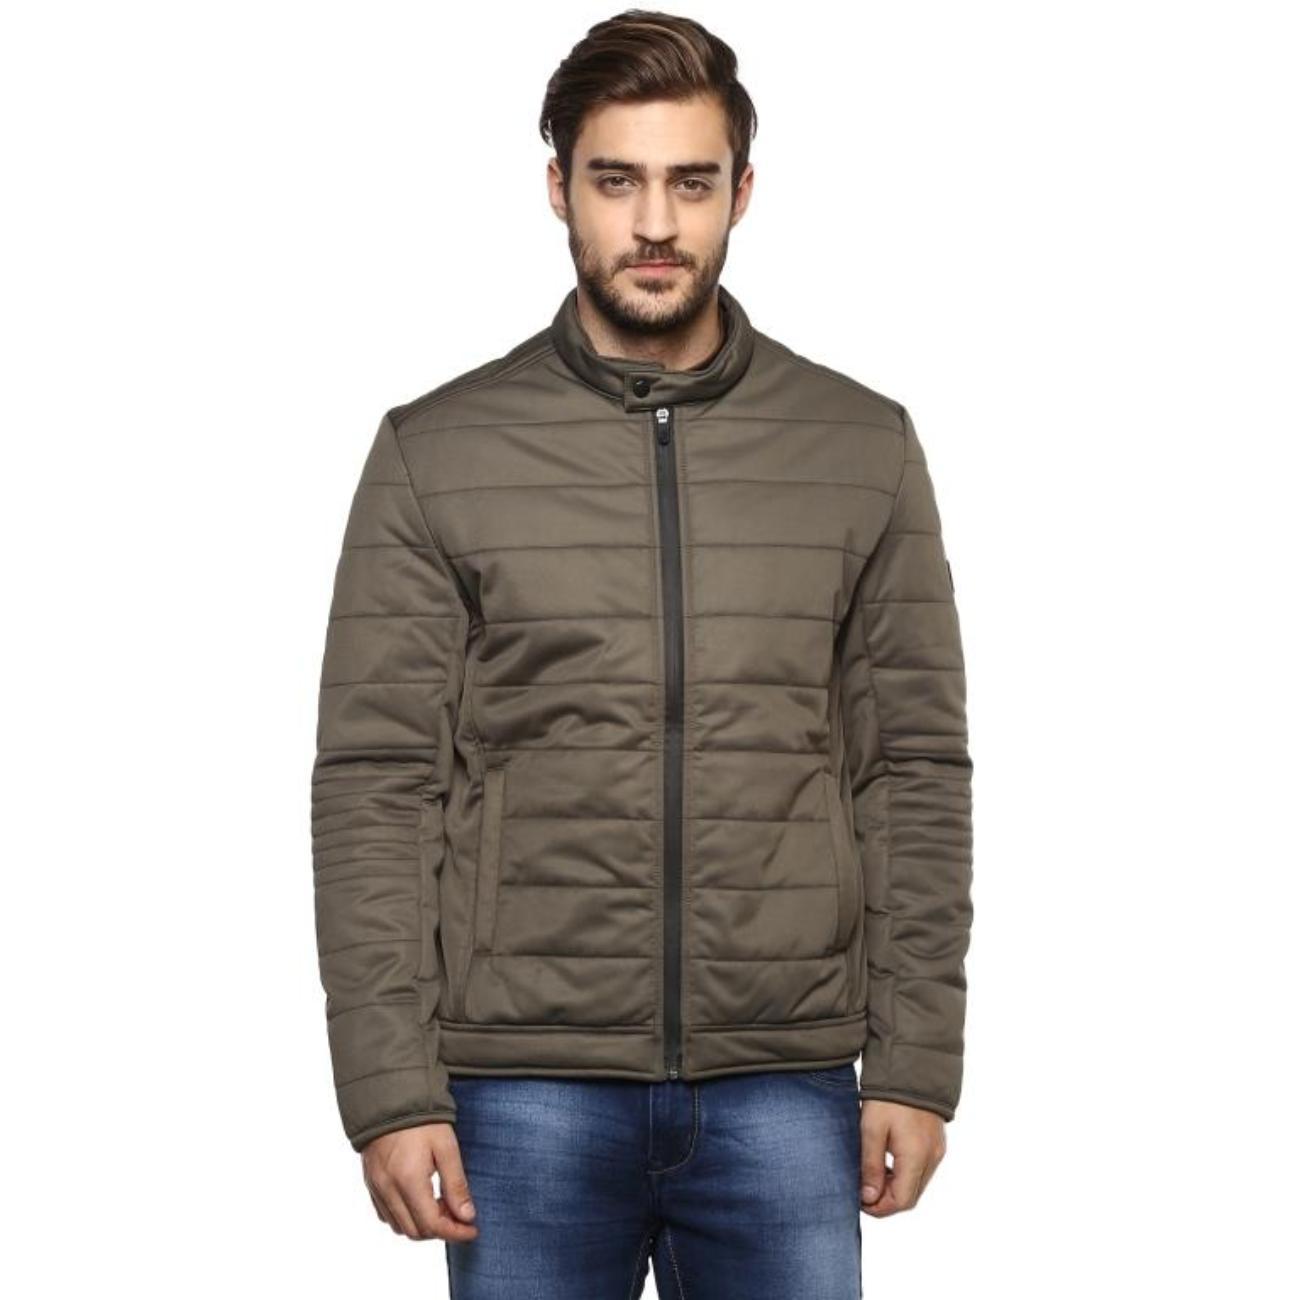 Buy Olive Jacket for Men Online